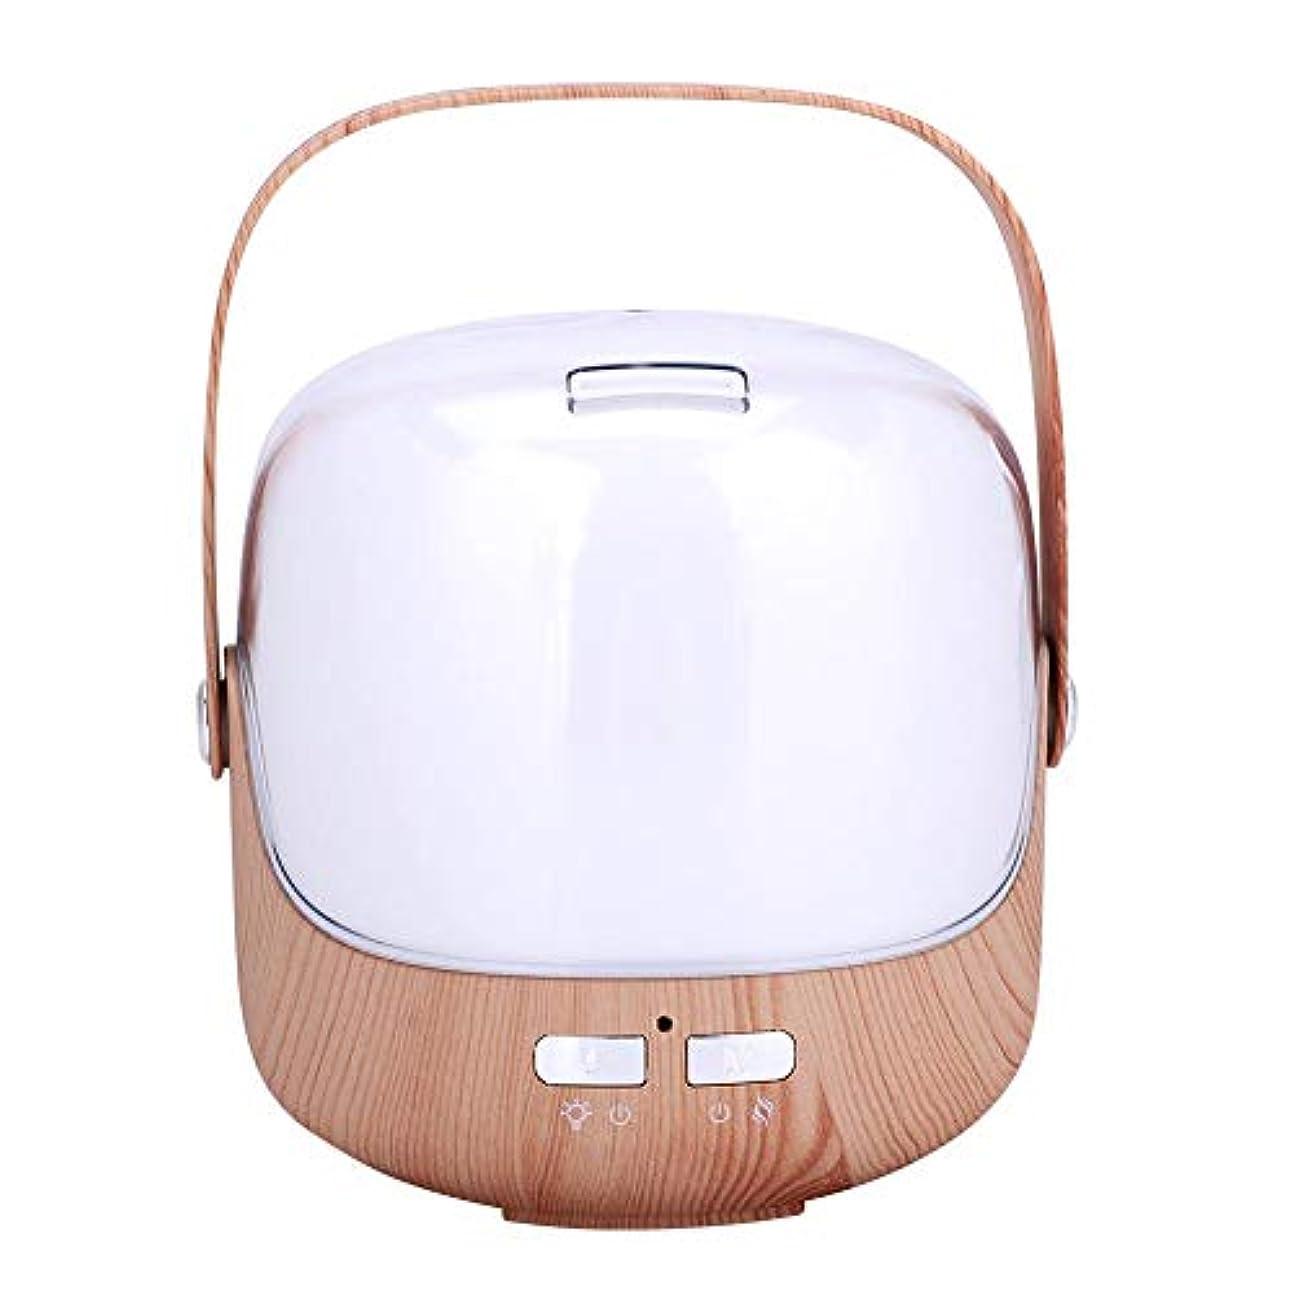 摂氏度とげ市場アロマ加湿器 アロマディフューザー 超音波加湿器 卓上加湿器 250ml 超音波霧化 空焚き防止 アロマ機能 7色LED付き 室内加湿 乾燥対策 暖房室対応 小型 低騒音 省エネ 部屋 オフィス (01)